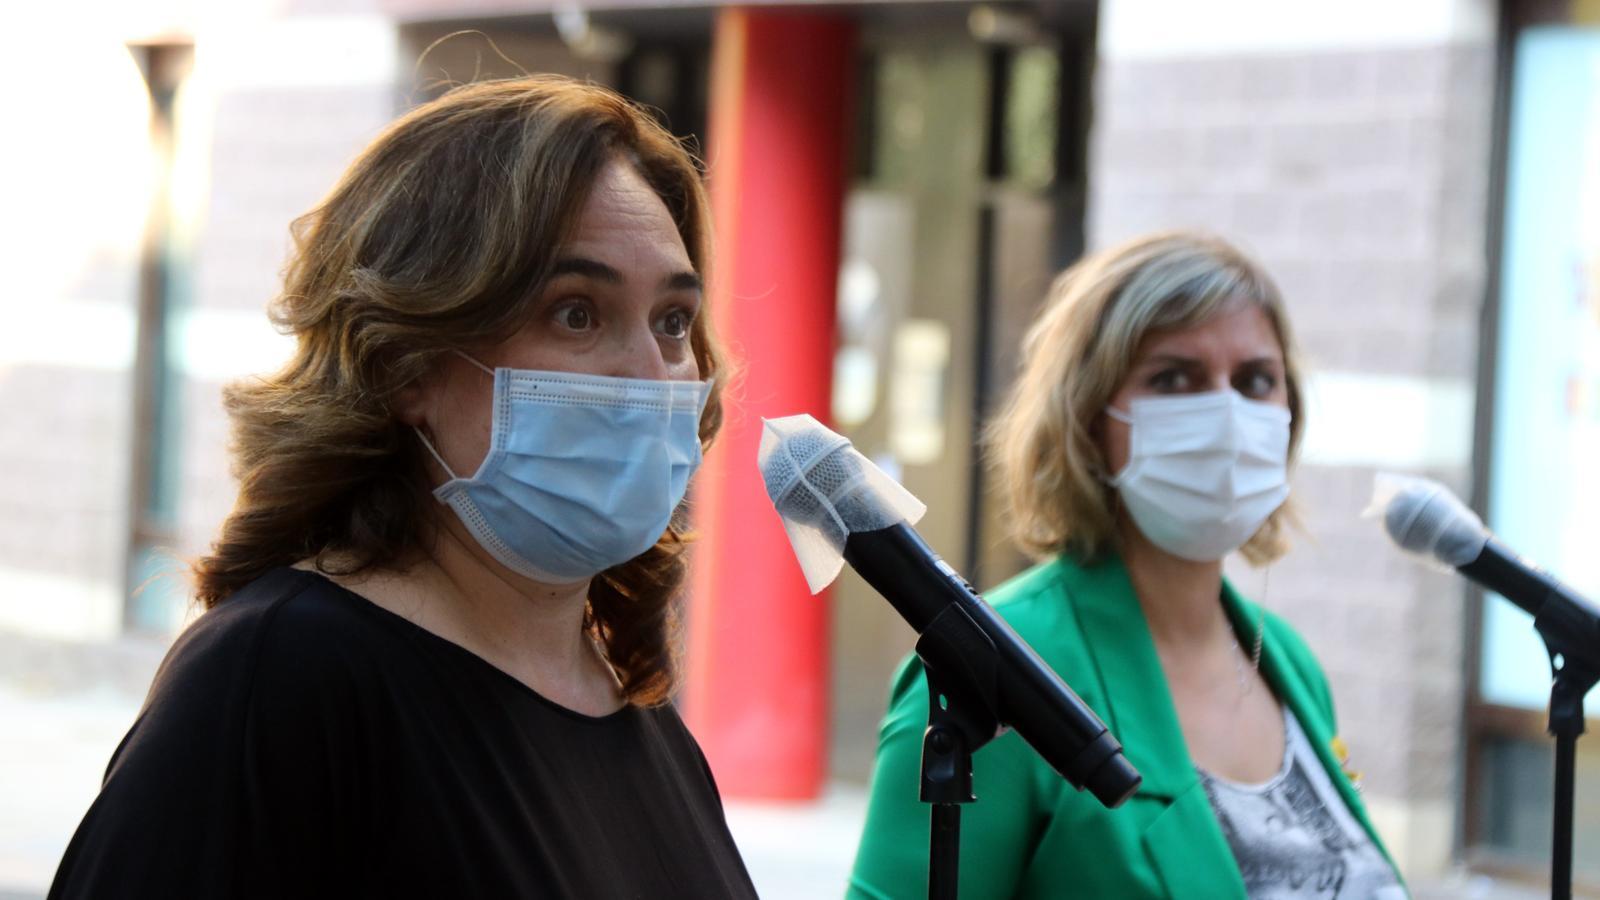 La consellera de Salut, Alba Vergés, i l'alcaldessa de Barcelona, Ada Colau, visiten el Casal de Gent Gran Josep Tarradellas de Barcelona on es fa el cribratge massiu de covid-19